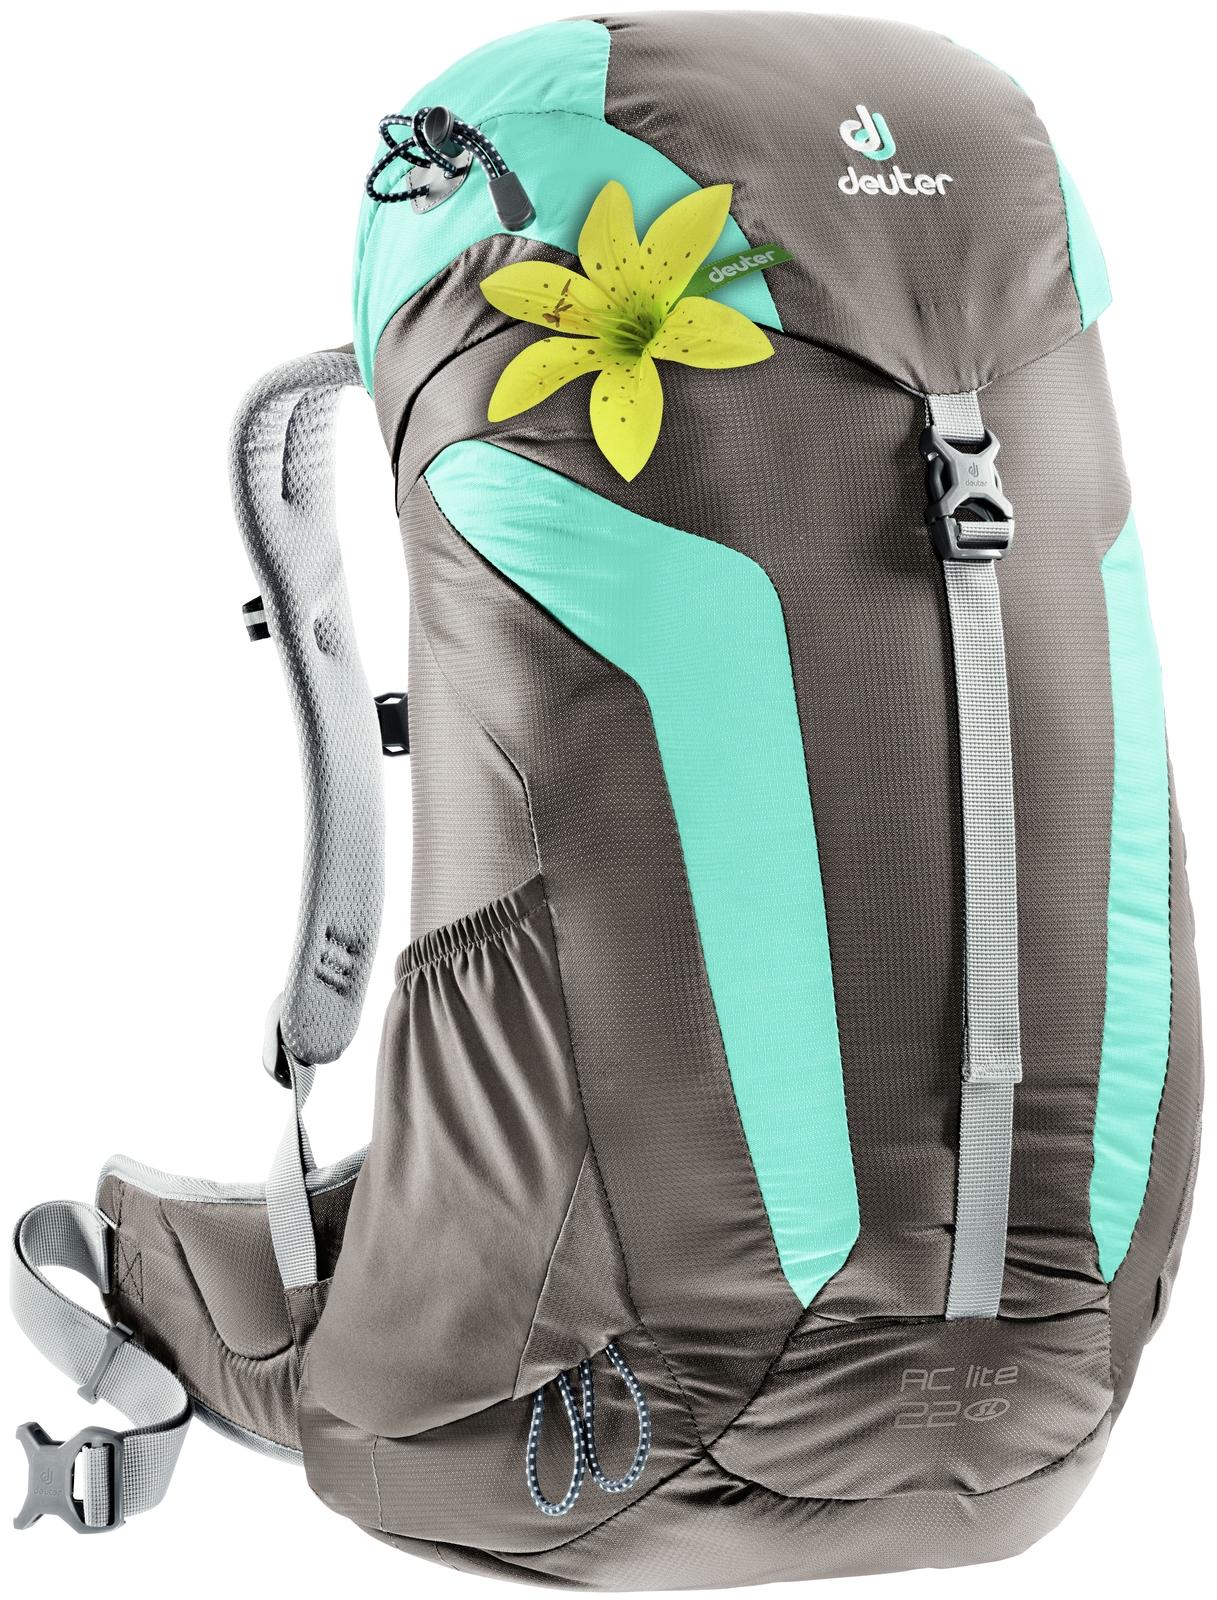 Рюкзак Deuter AC Lite 22 SL, цвет: серый,голубой городской рюкзак deuter futura 20 sl 20 л фиолетовый розовый 34194 3503